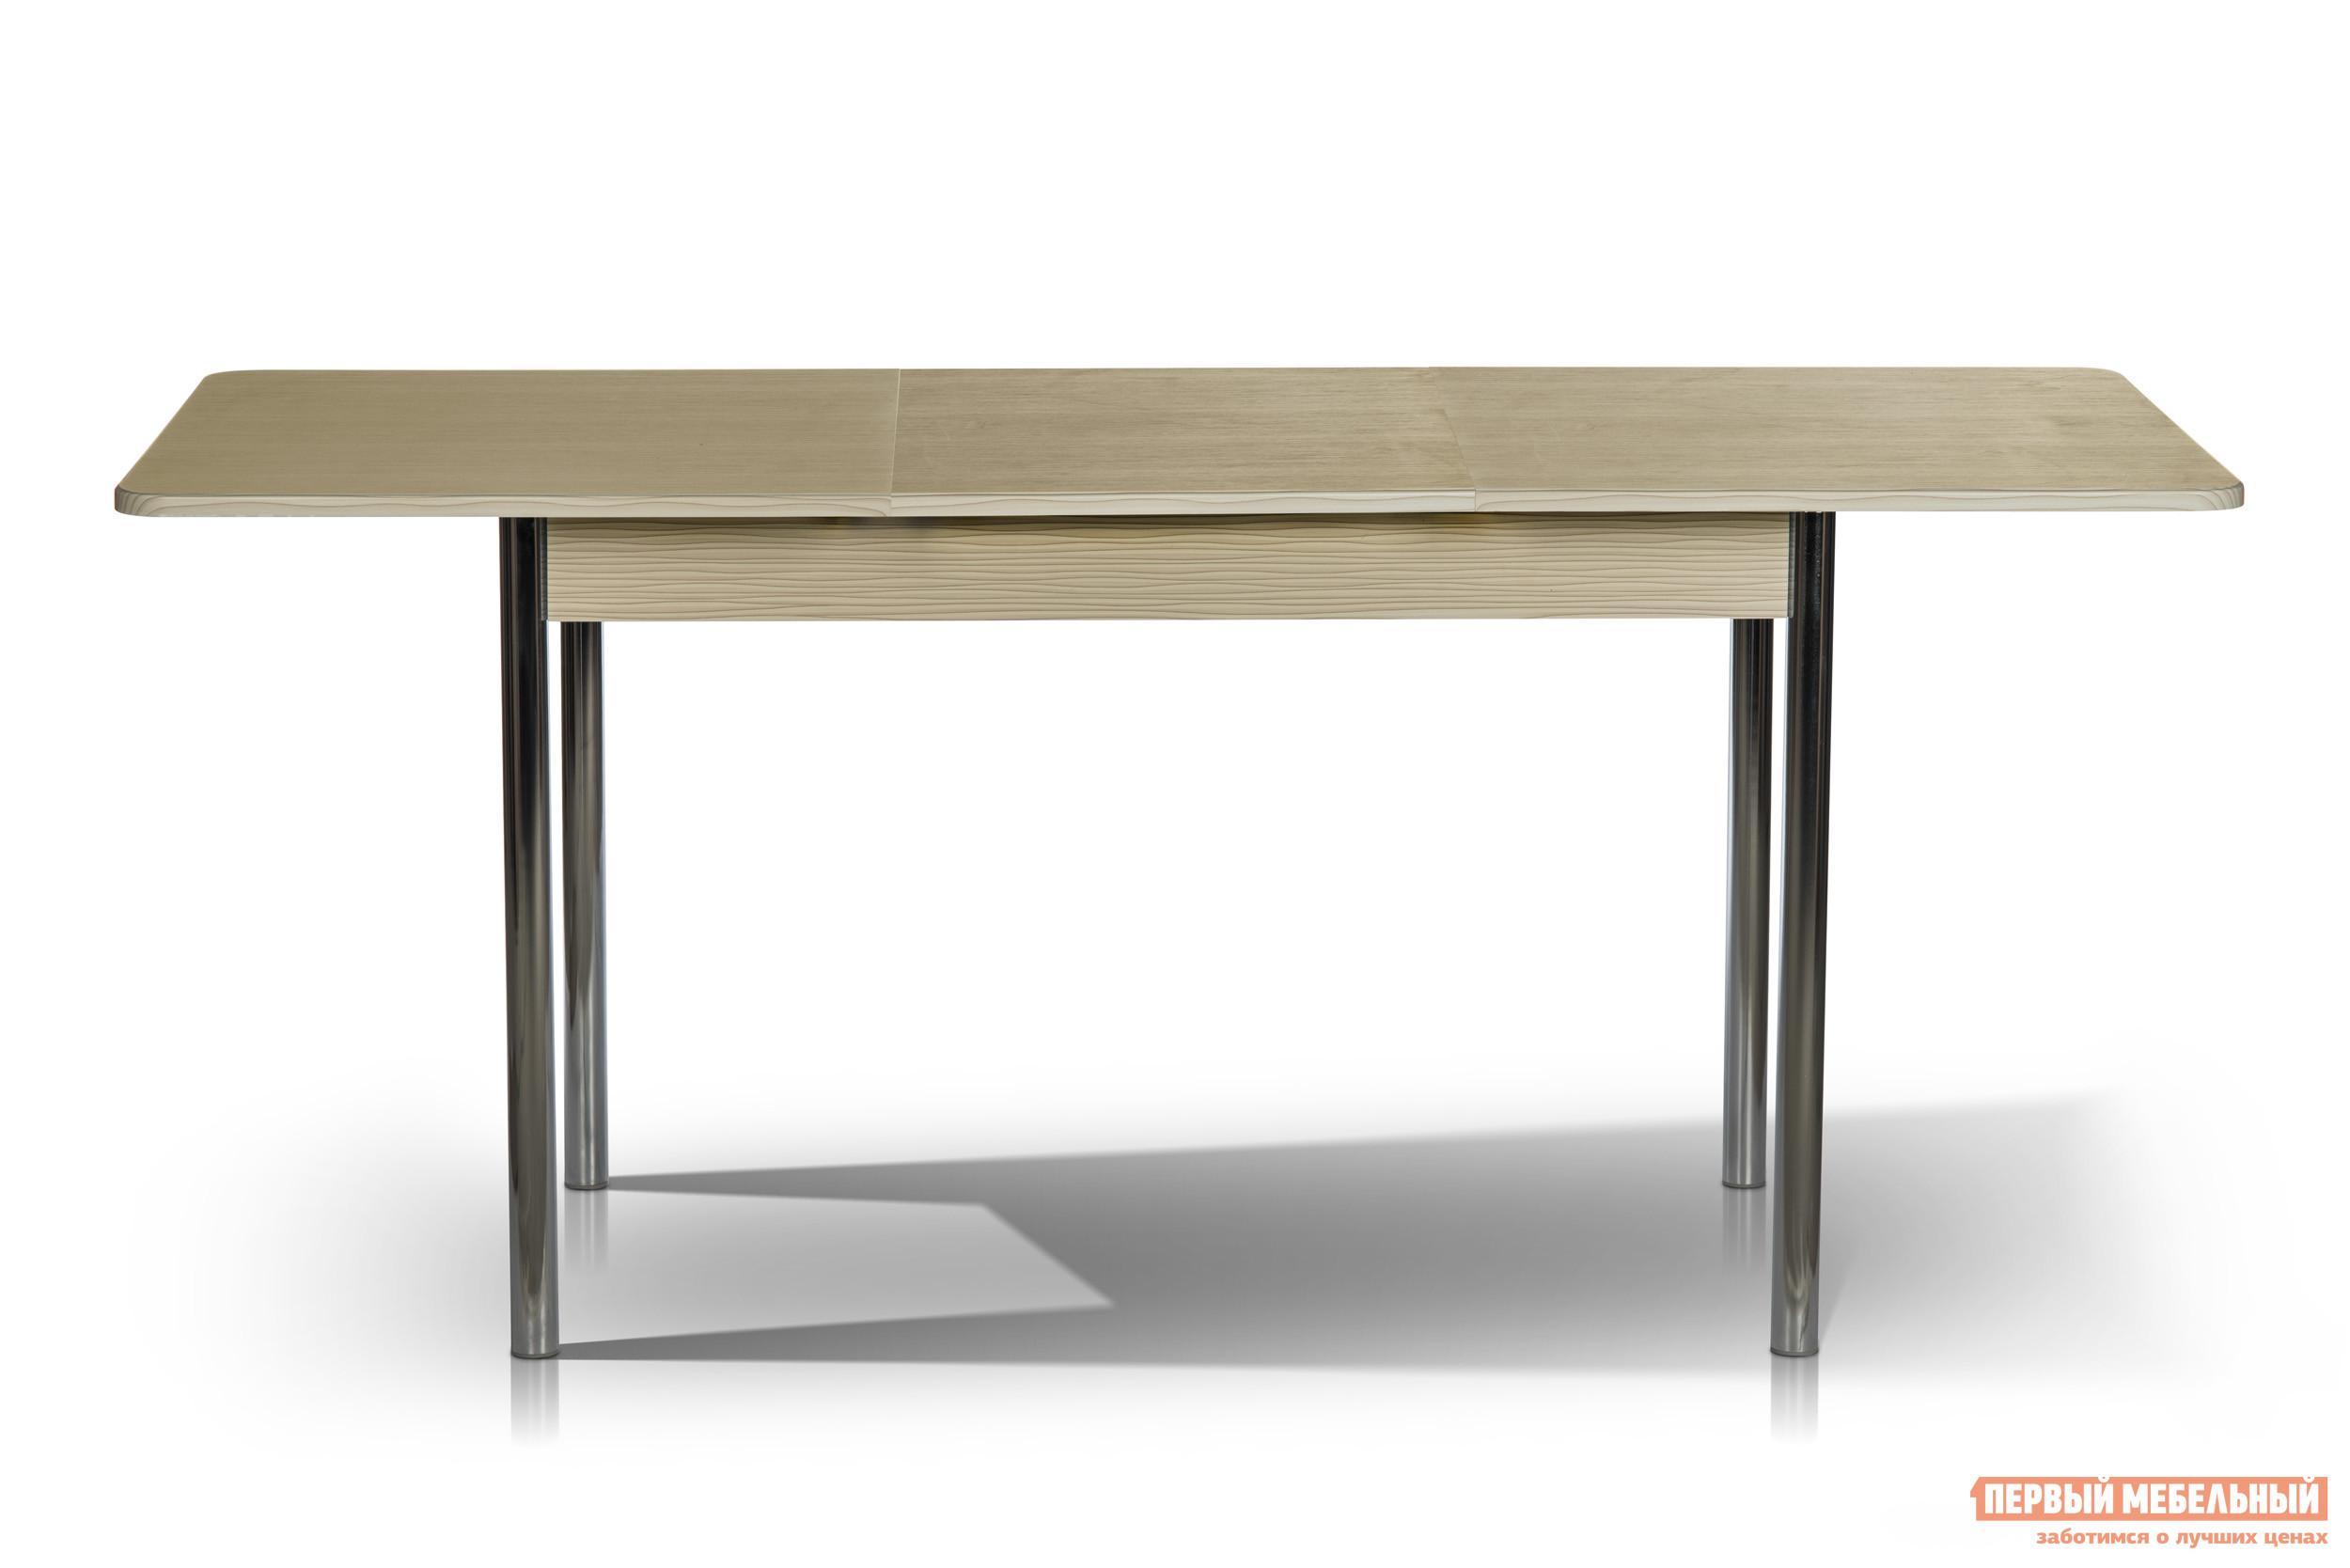 Фото Кухонный стол МегаЭлатон Капри Дым белый. Купить с доставкой